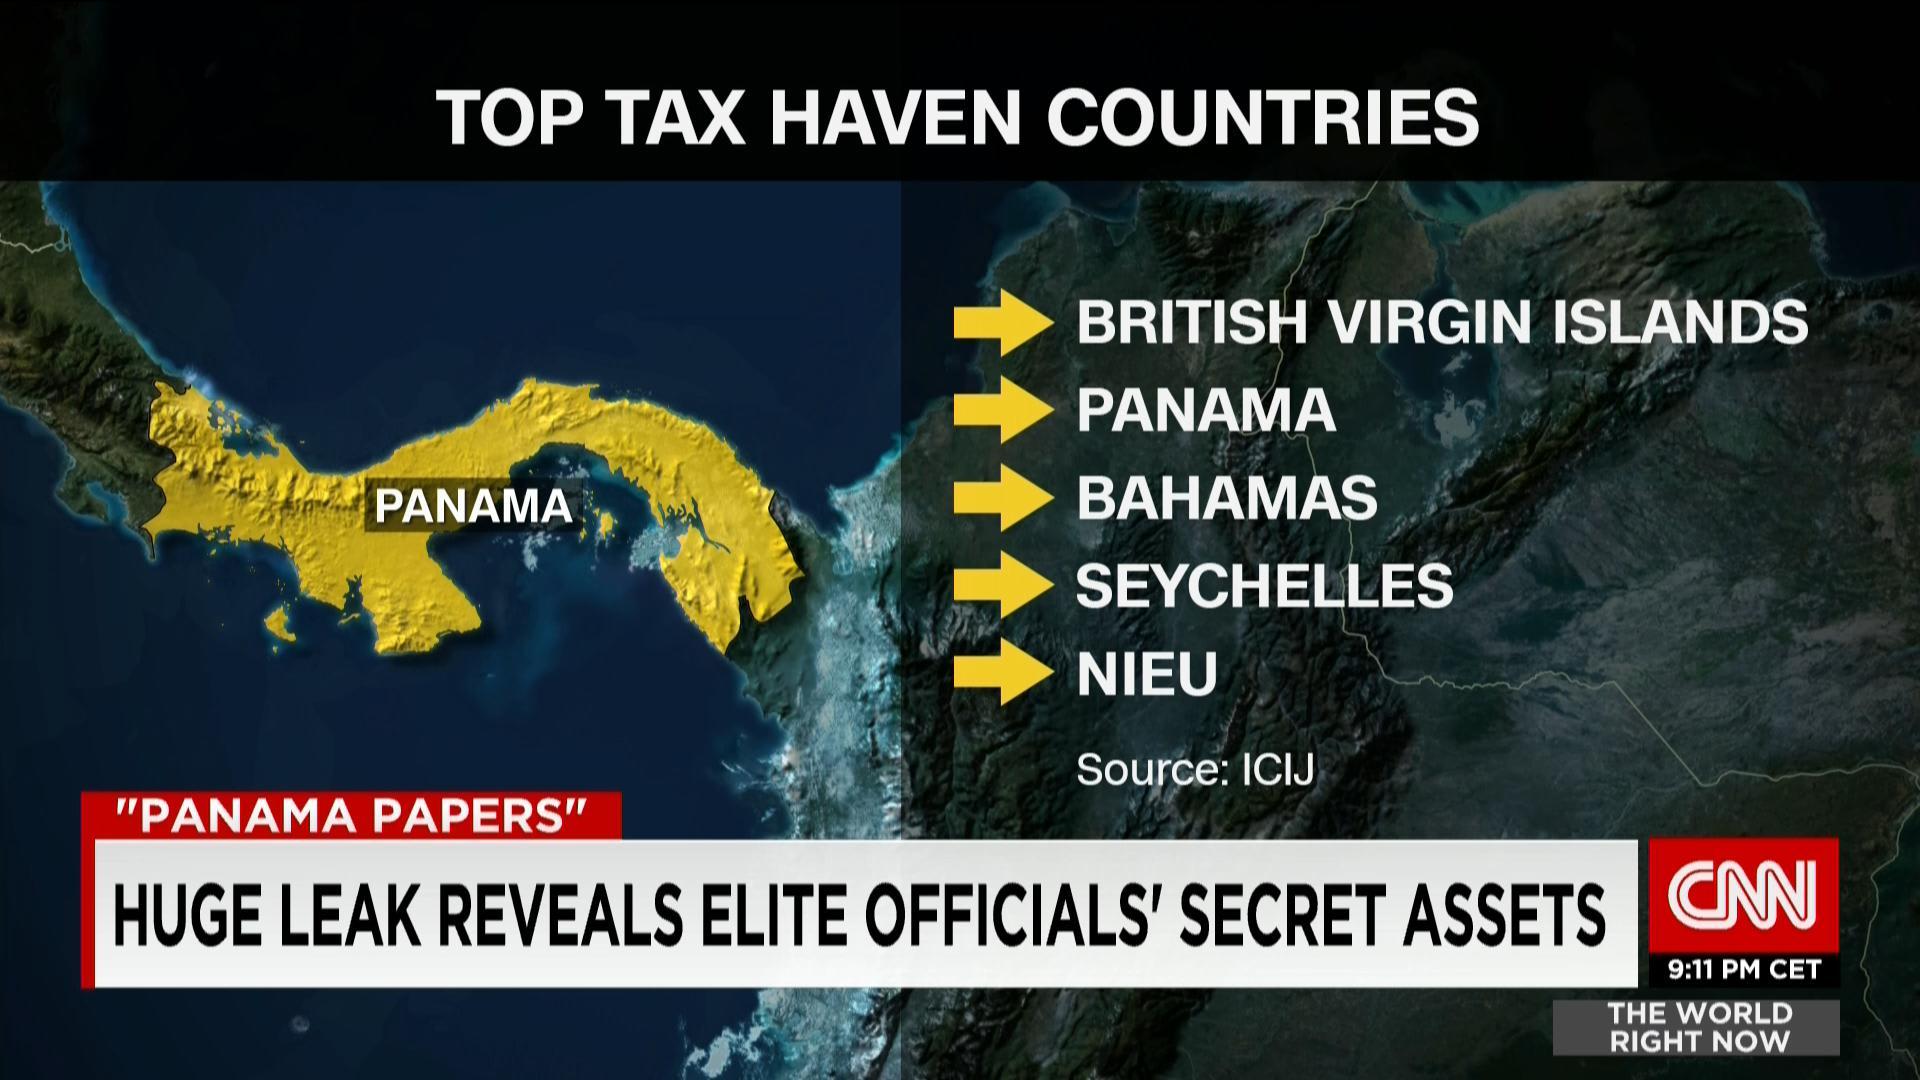 """وفقا لـ""""وثائق بنما"""" هذه هي أفضل الدول التي تعتبر """"ملاذا من الضرائب"""""""